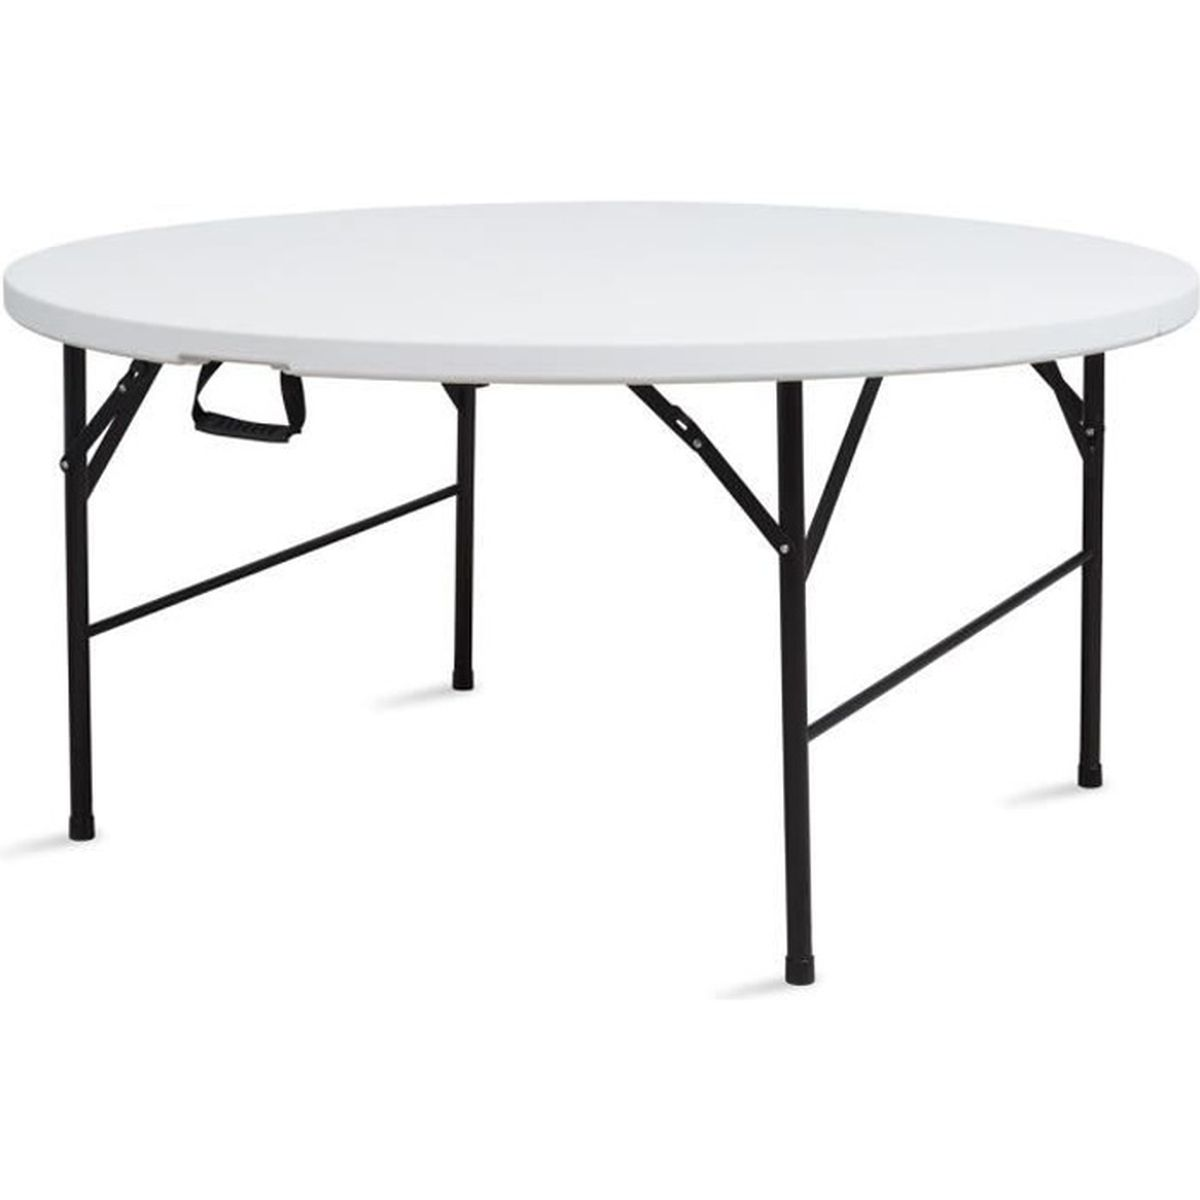 ronde Table ronde pliante pliante pliante ronde Table Table 150 150 ny8wONvm0